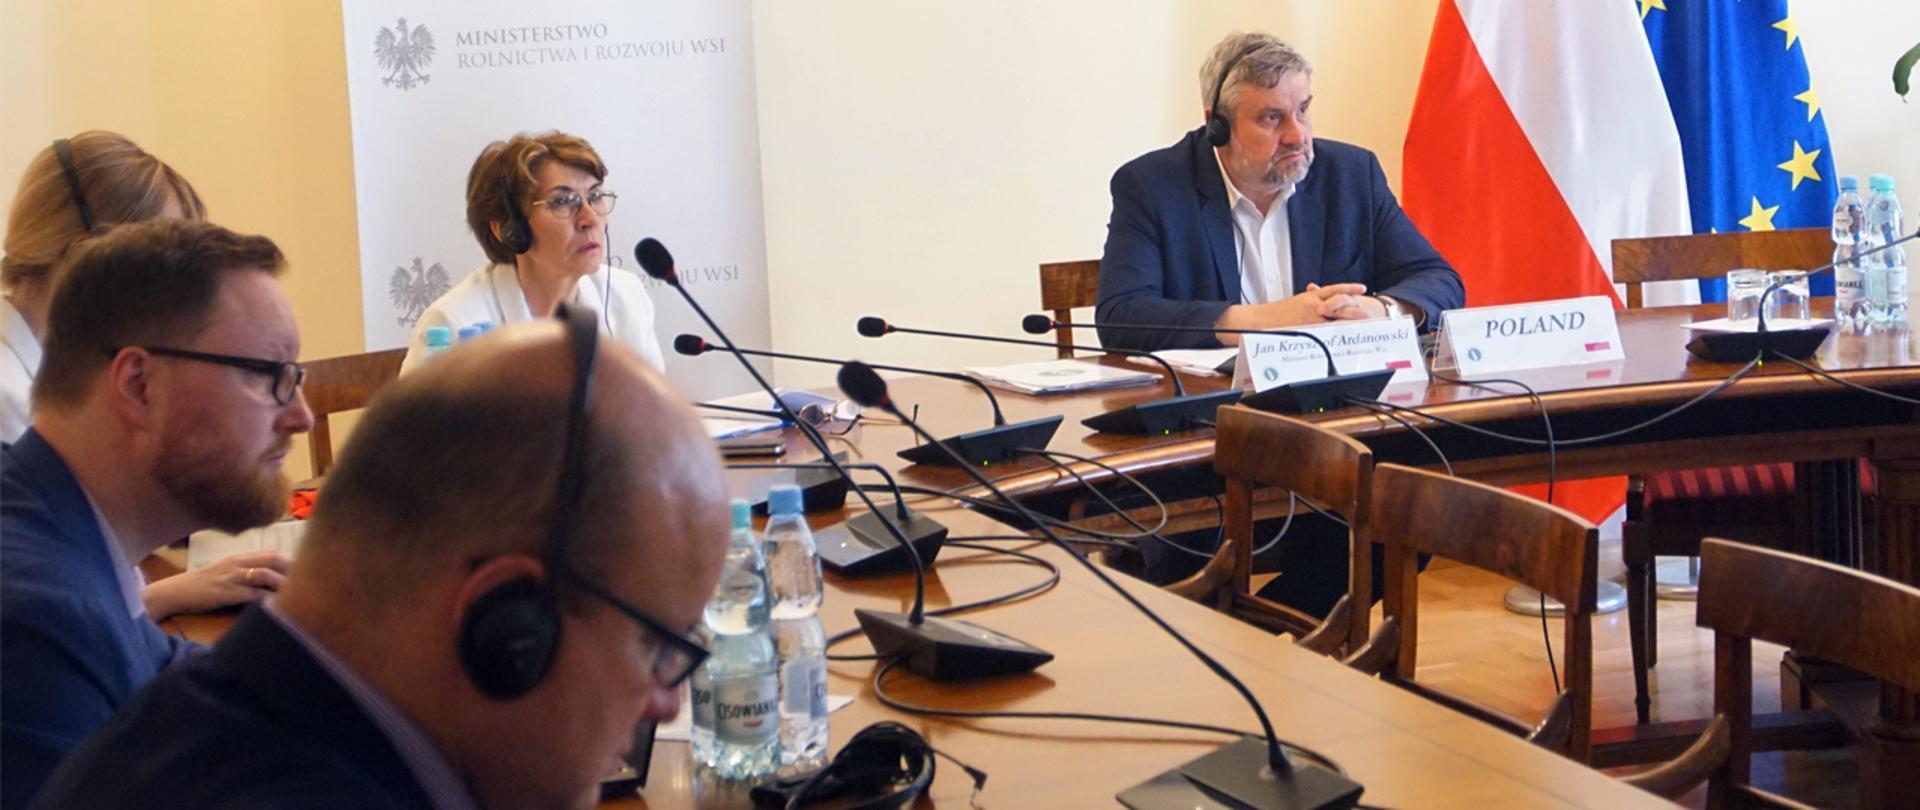 Z ministrami rolnictwa państw Grupy V4 o reformie WPR